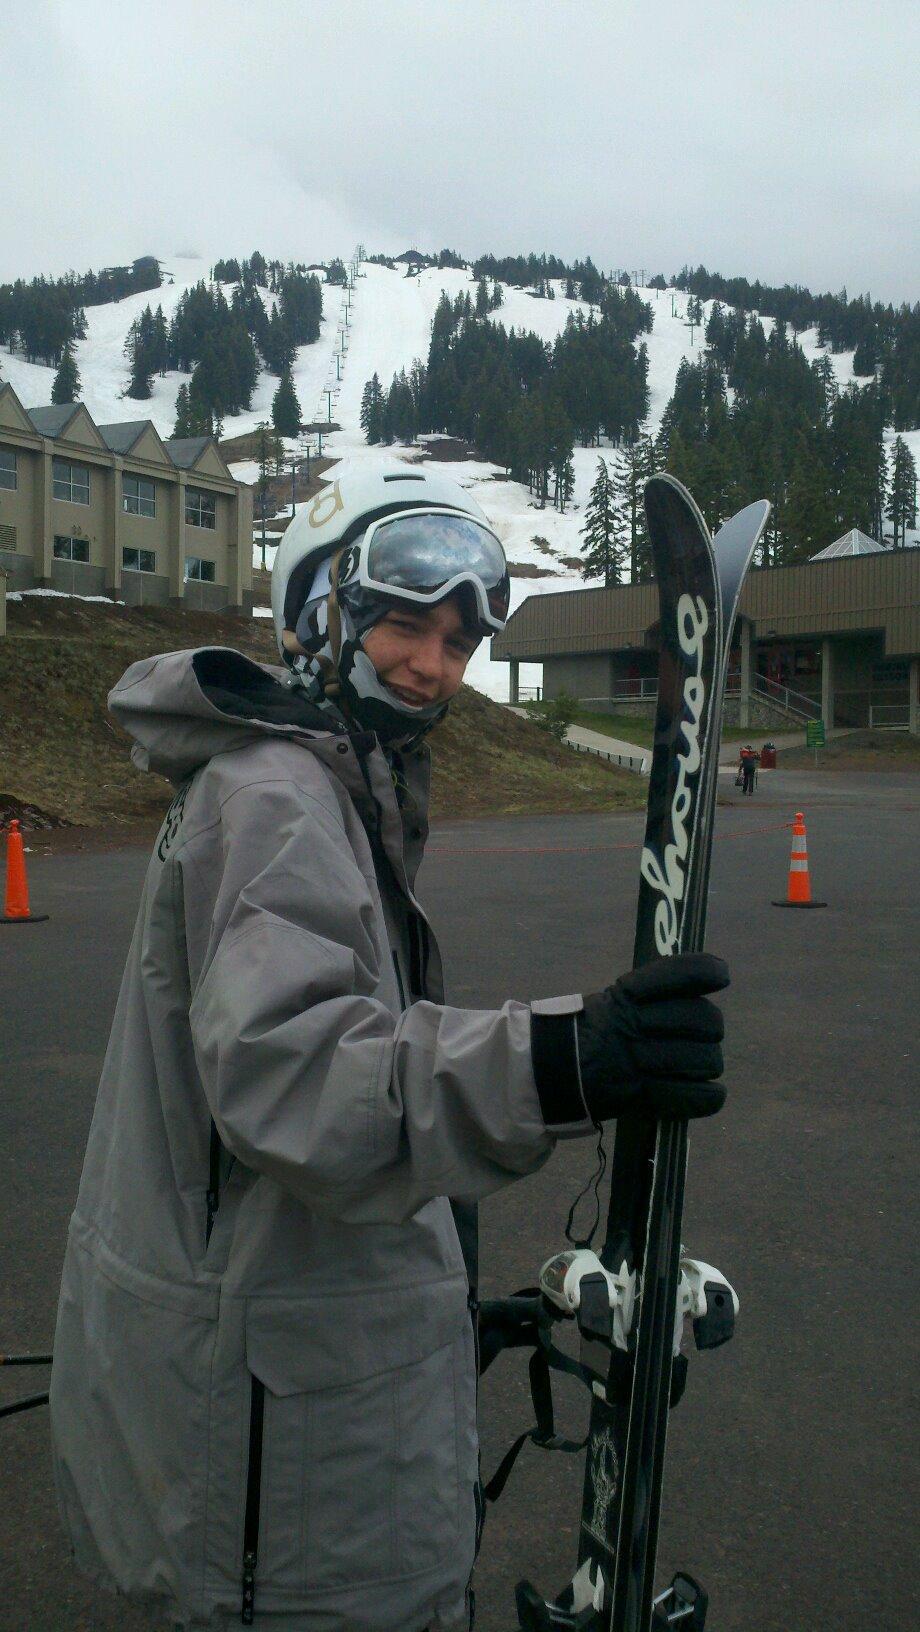 Summer Skiing at Bachelor